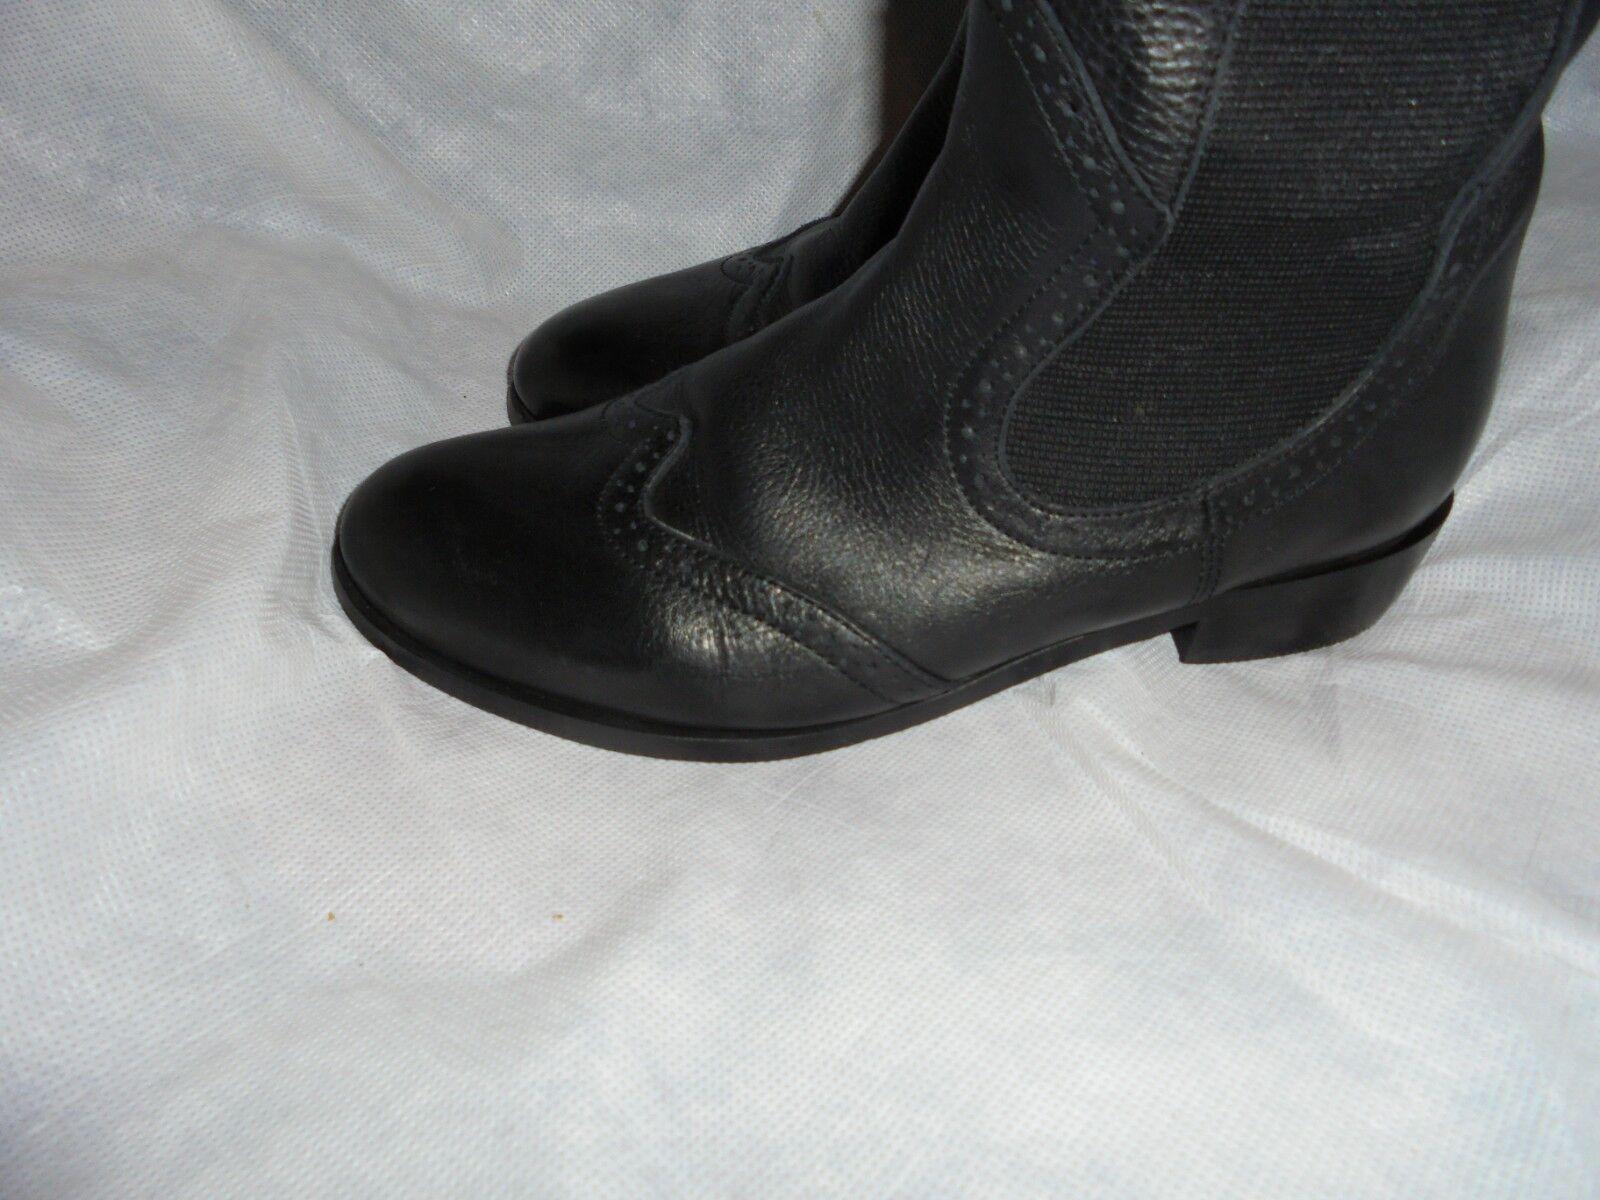 Vainilla Moon Zip Mujer Negro Cuero Elástico Zip Moon Knee High Botas Talla en muy buena condición 848dc1